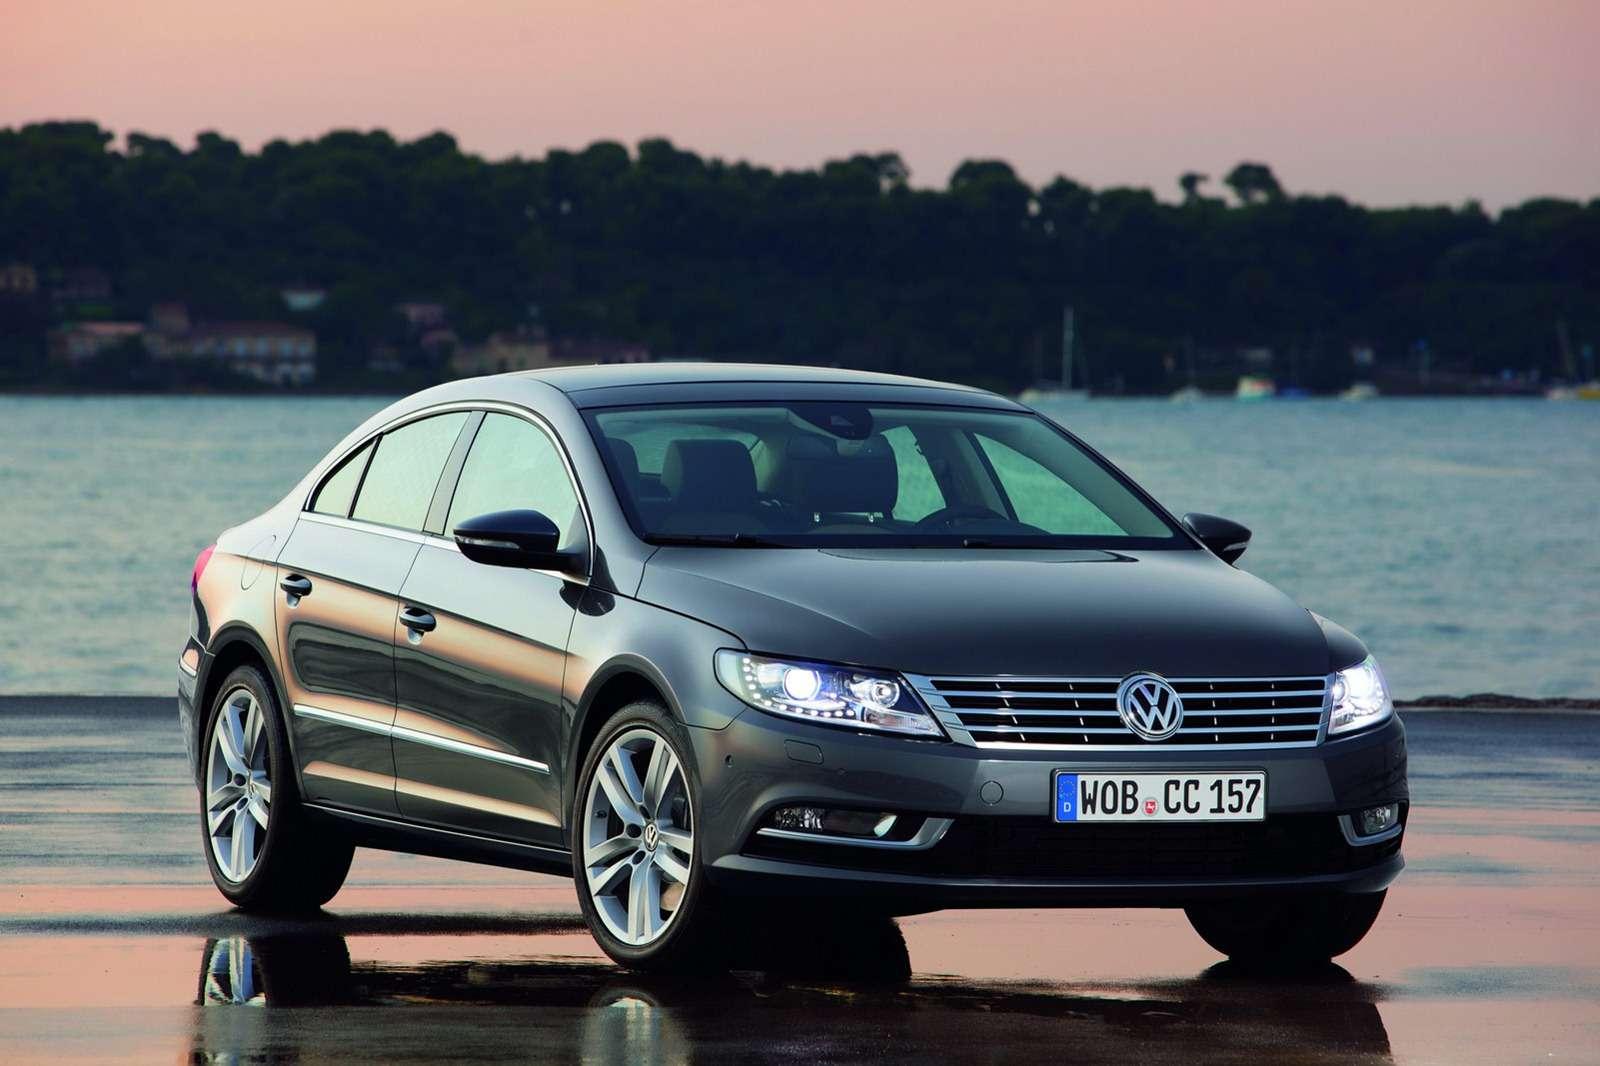 Volkswagen CC nowe foto styczen 2012